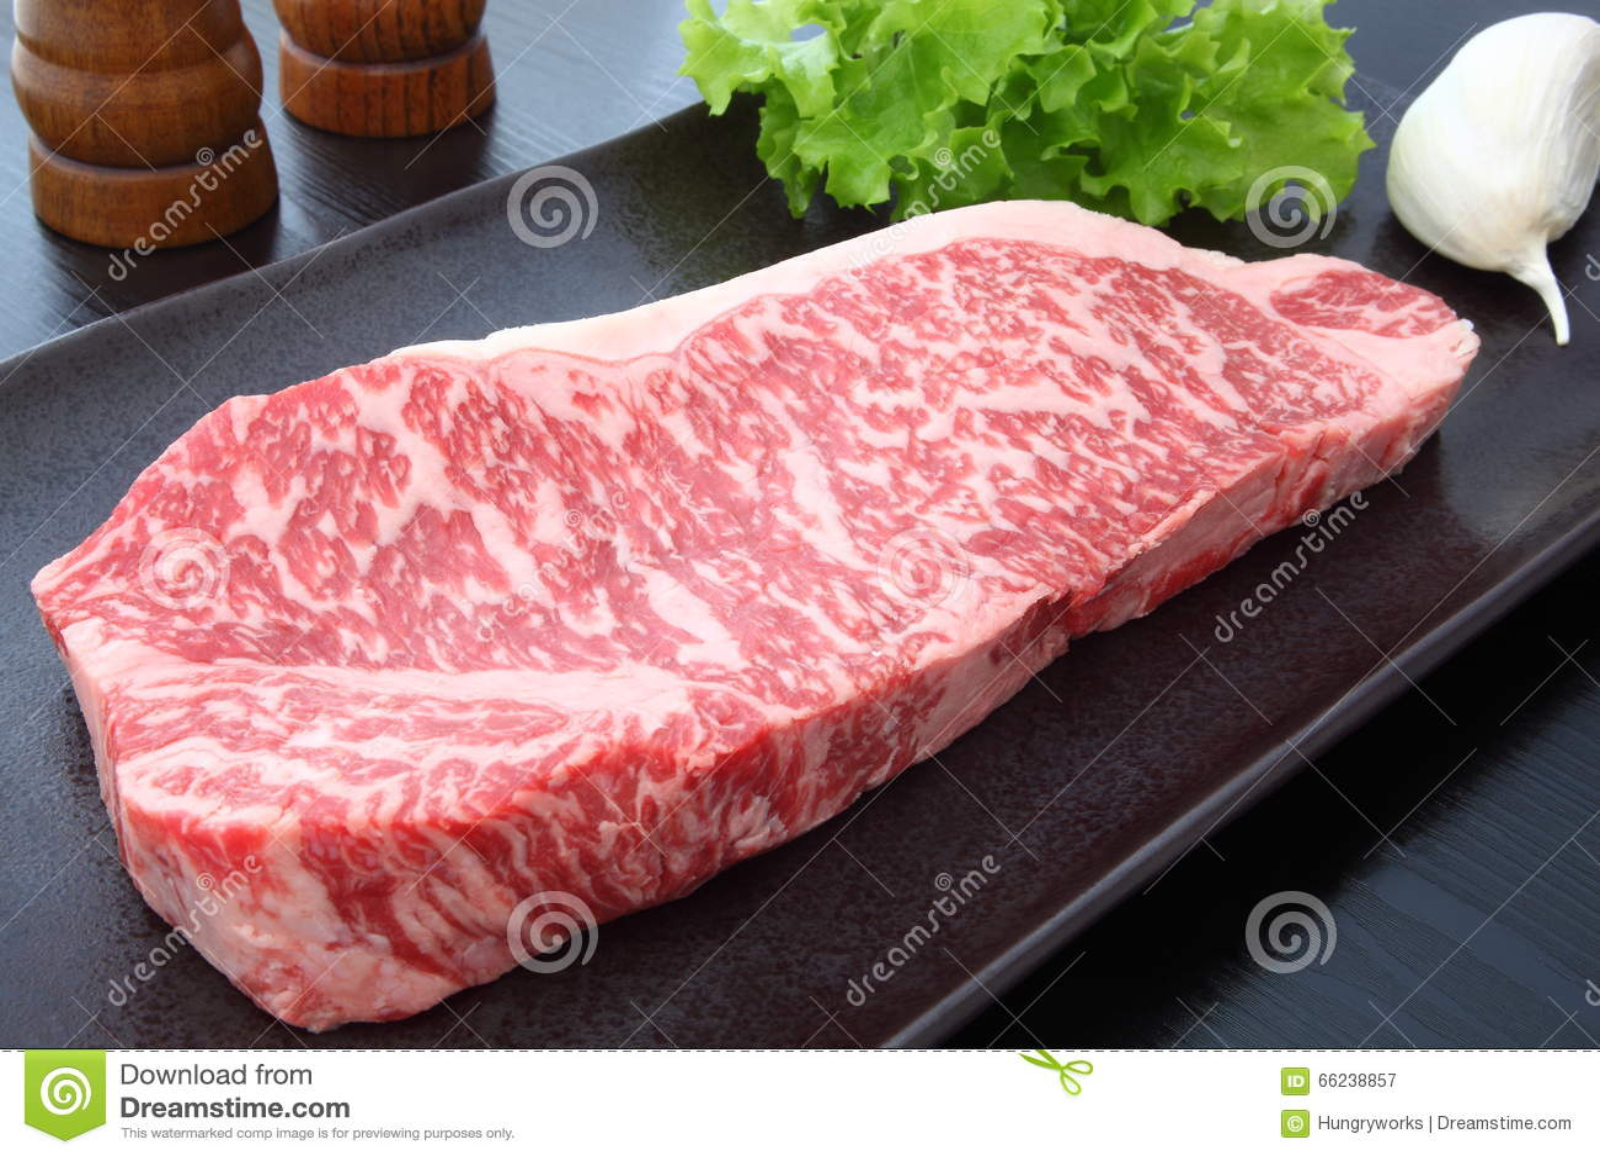 αποκαλούμενη βόειο κρέας κουζίνα ιαπωνικό ύφος shabu kobe